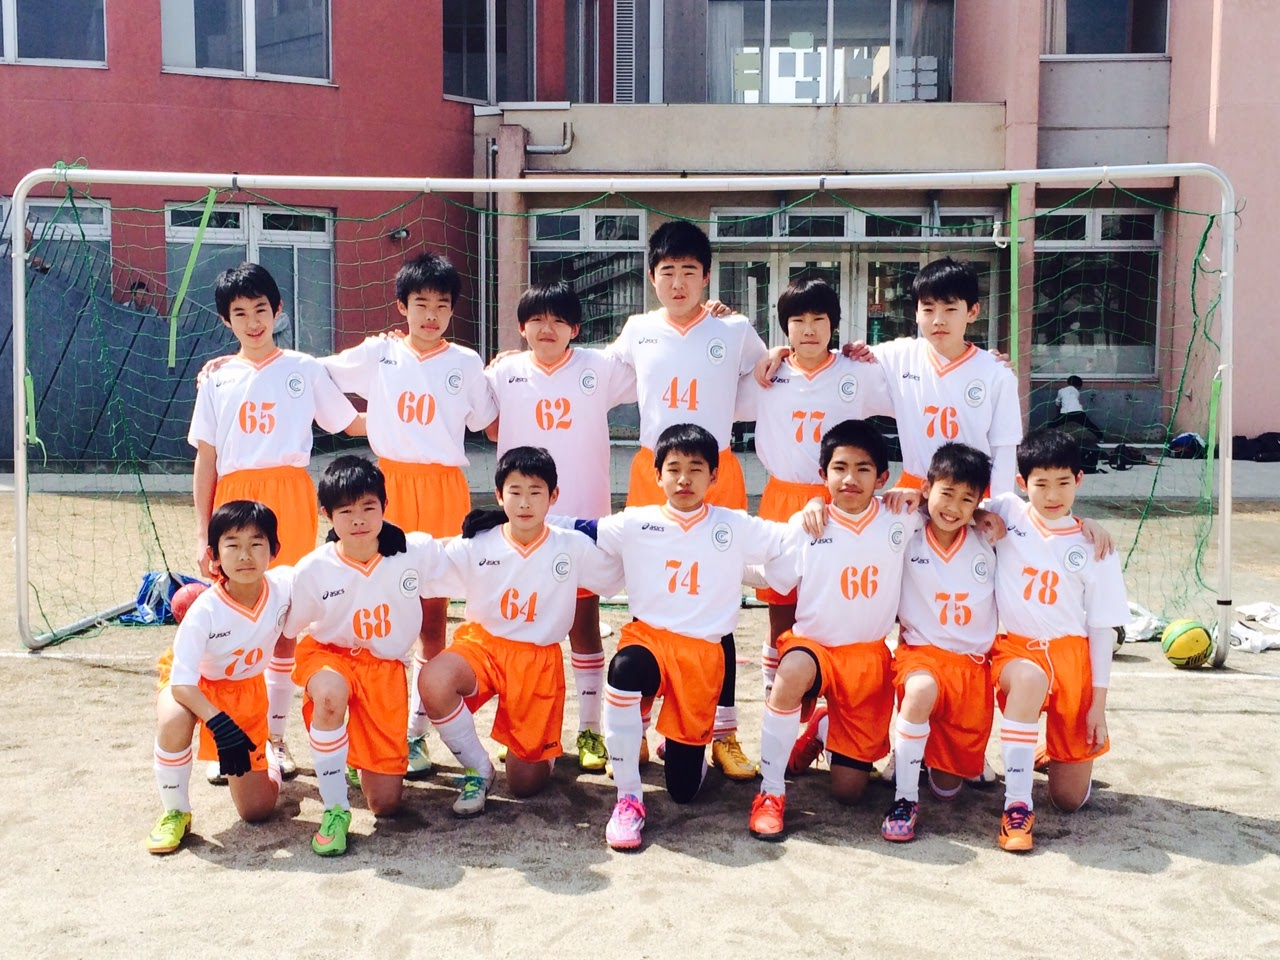 http://www.fc-chouwa.net/blog/images/5E533E09-12D8-4927-9DE4-146FFC7D9926.jpeg